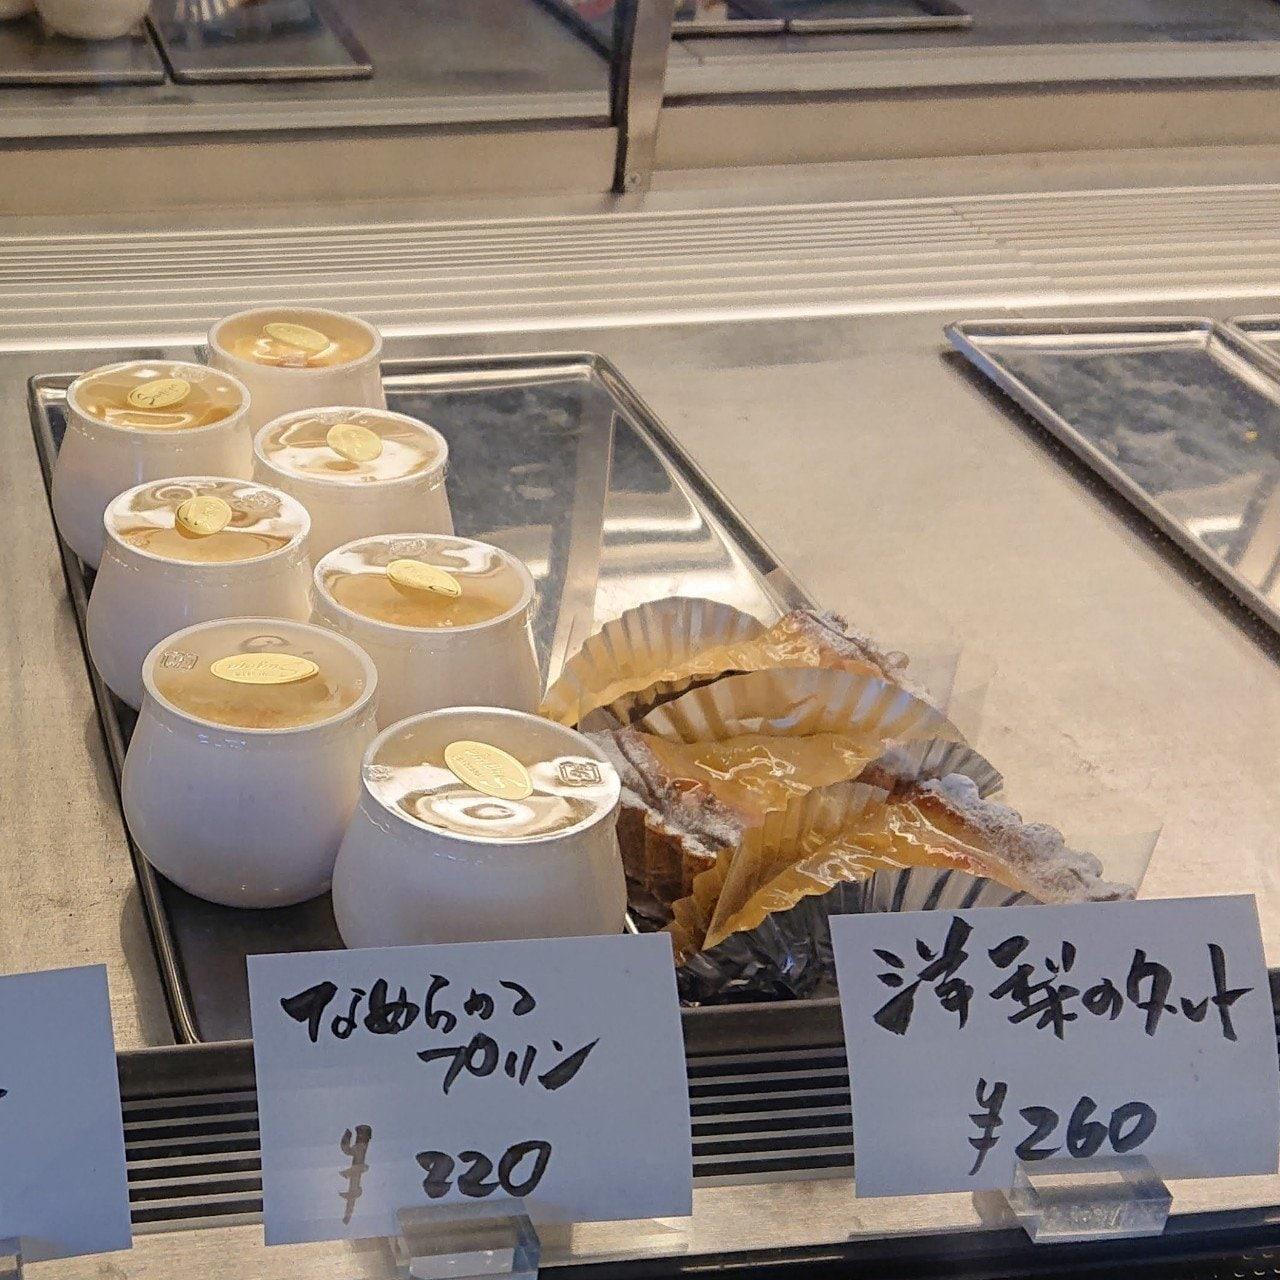 すぎや製菓(すぎやせいか)/✿みそまん・いいさまをはじめ和洋菓子の専門店です!/いなさマップ「37」のイメージその3